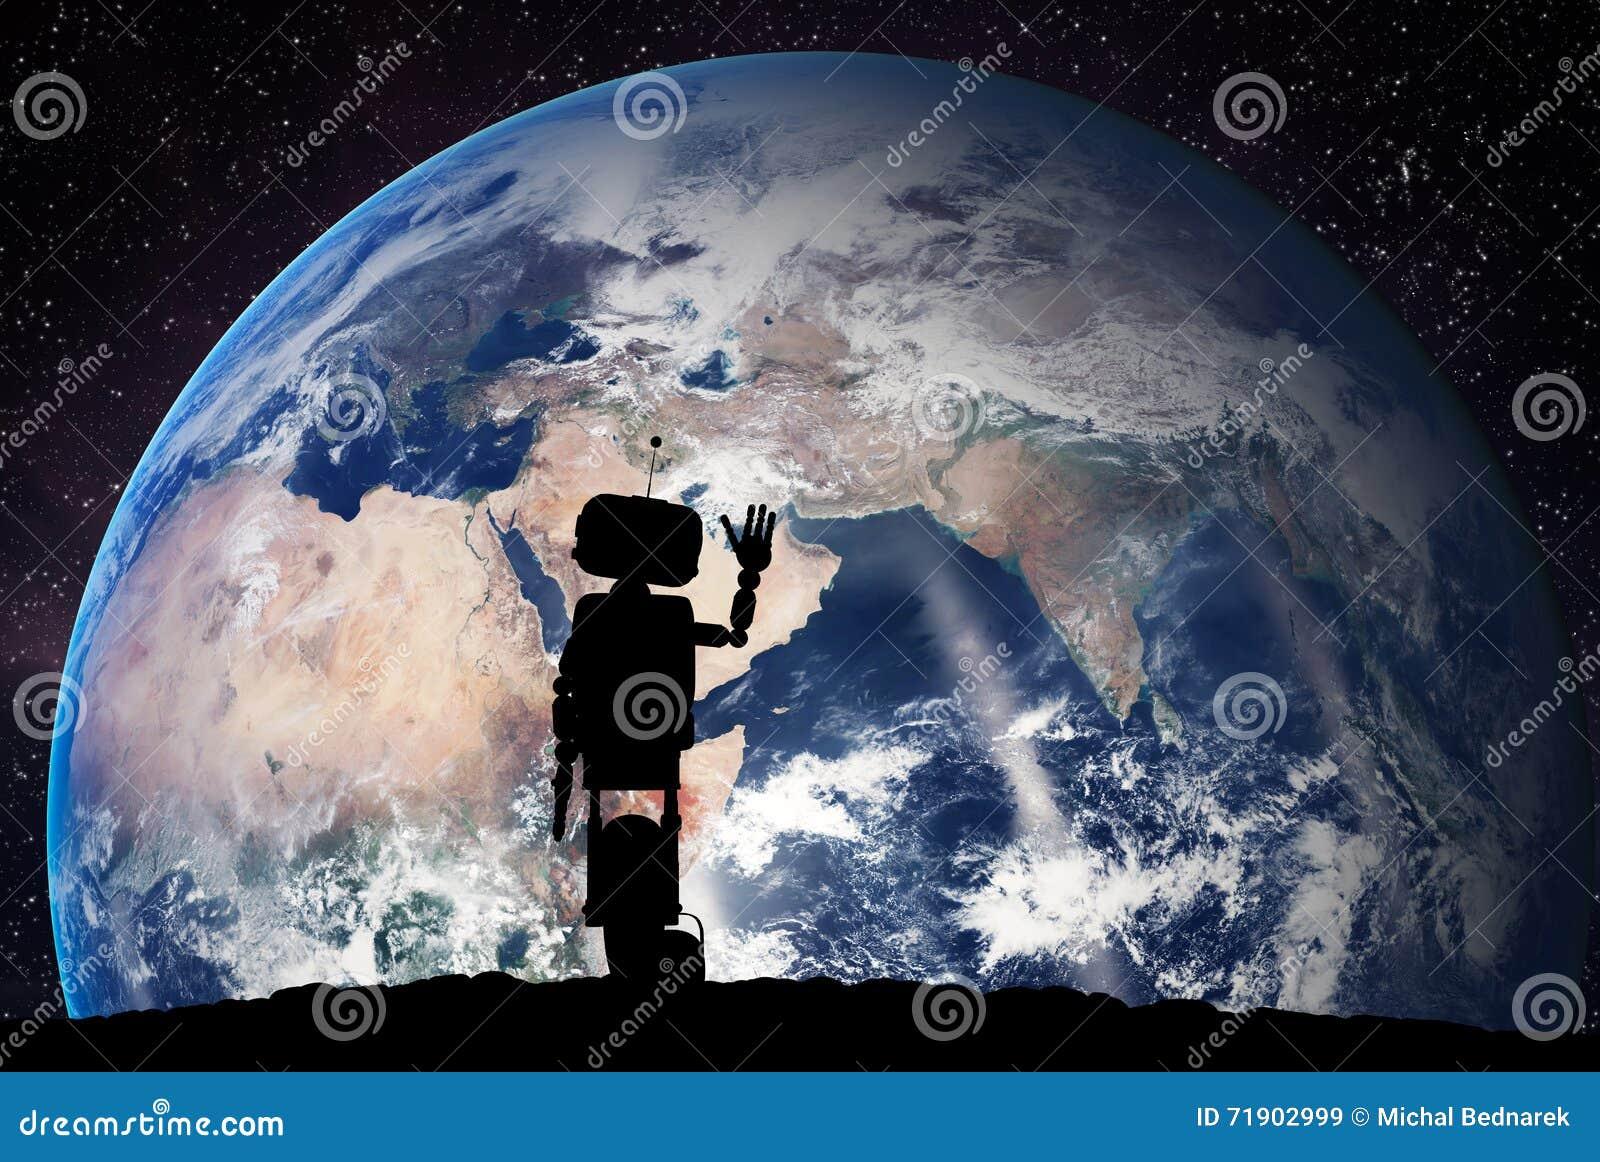 Robot che considera il pianeta Terra da spazio Concetto di tecnologia, intelligenza artificiale